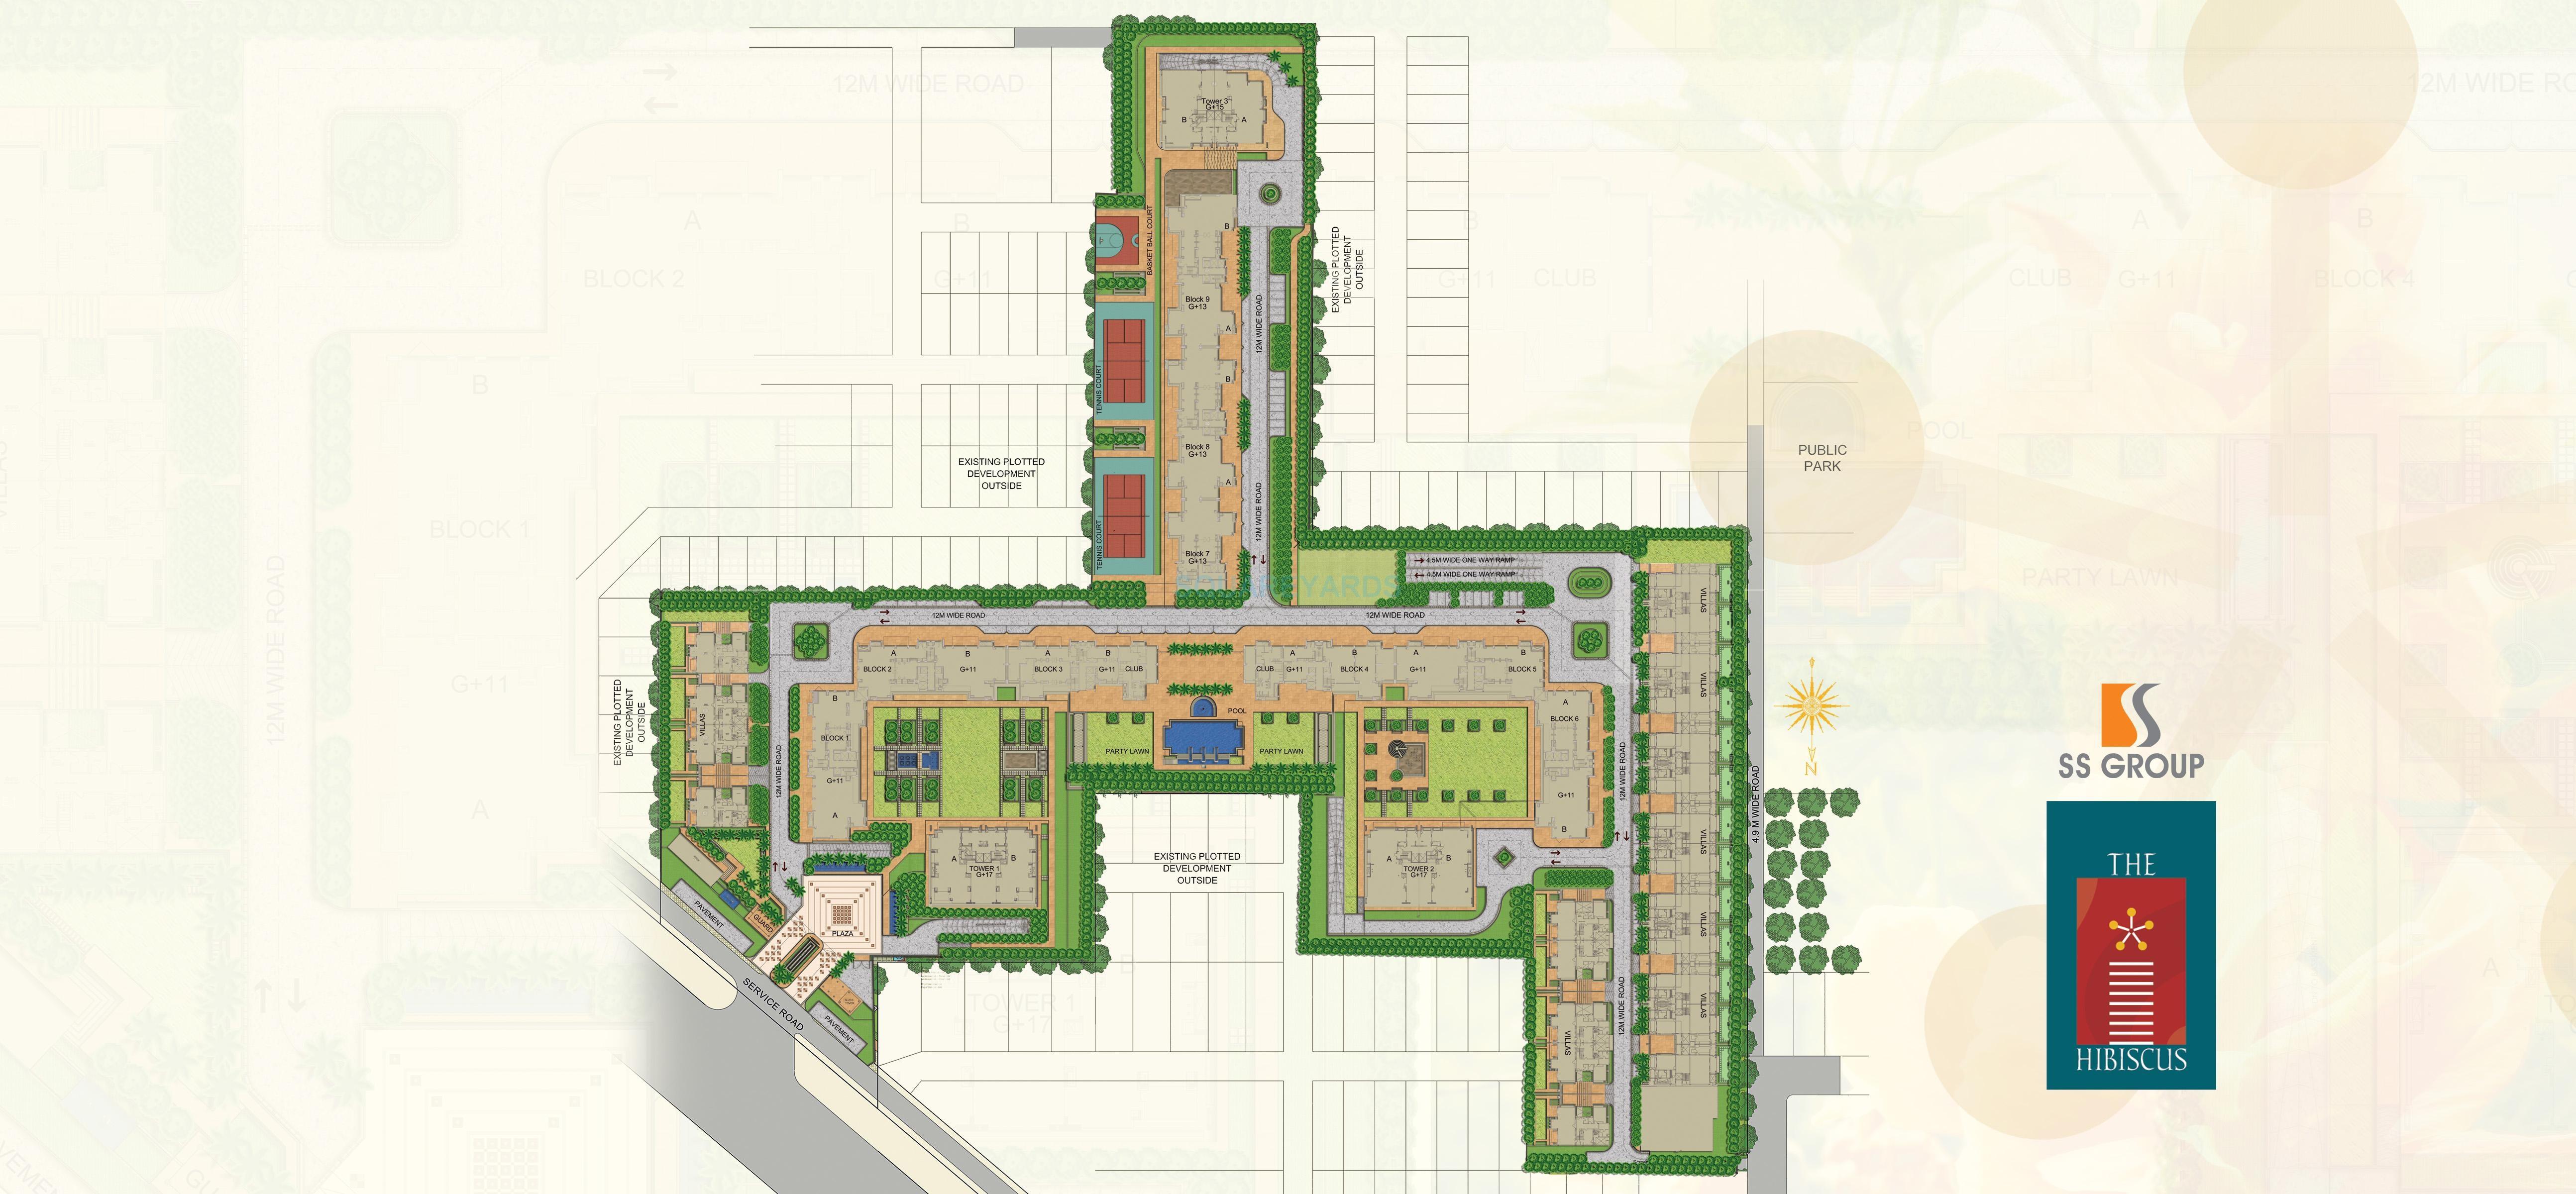 ss hibiscus master plan image3